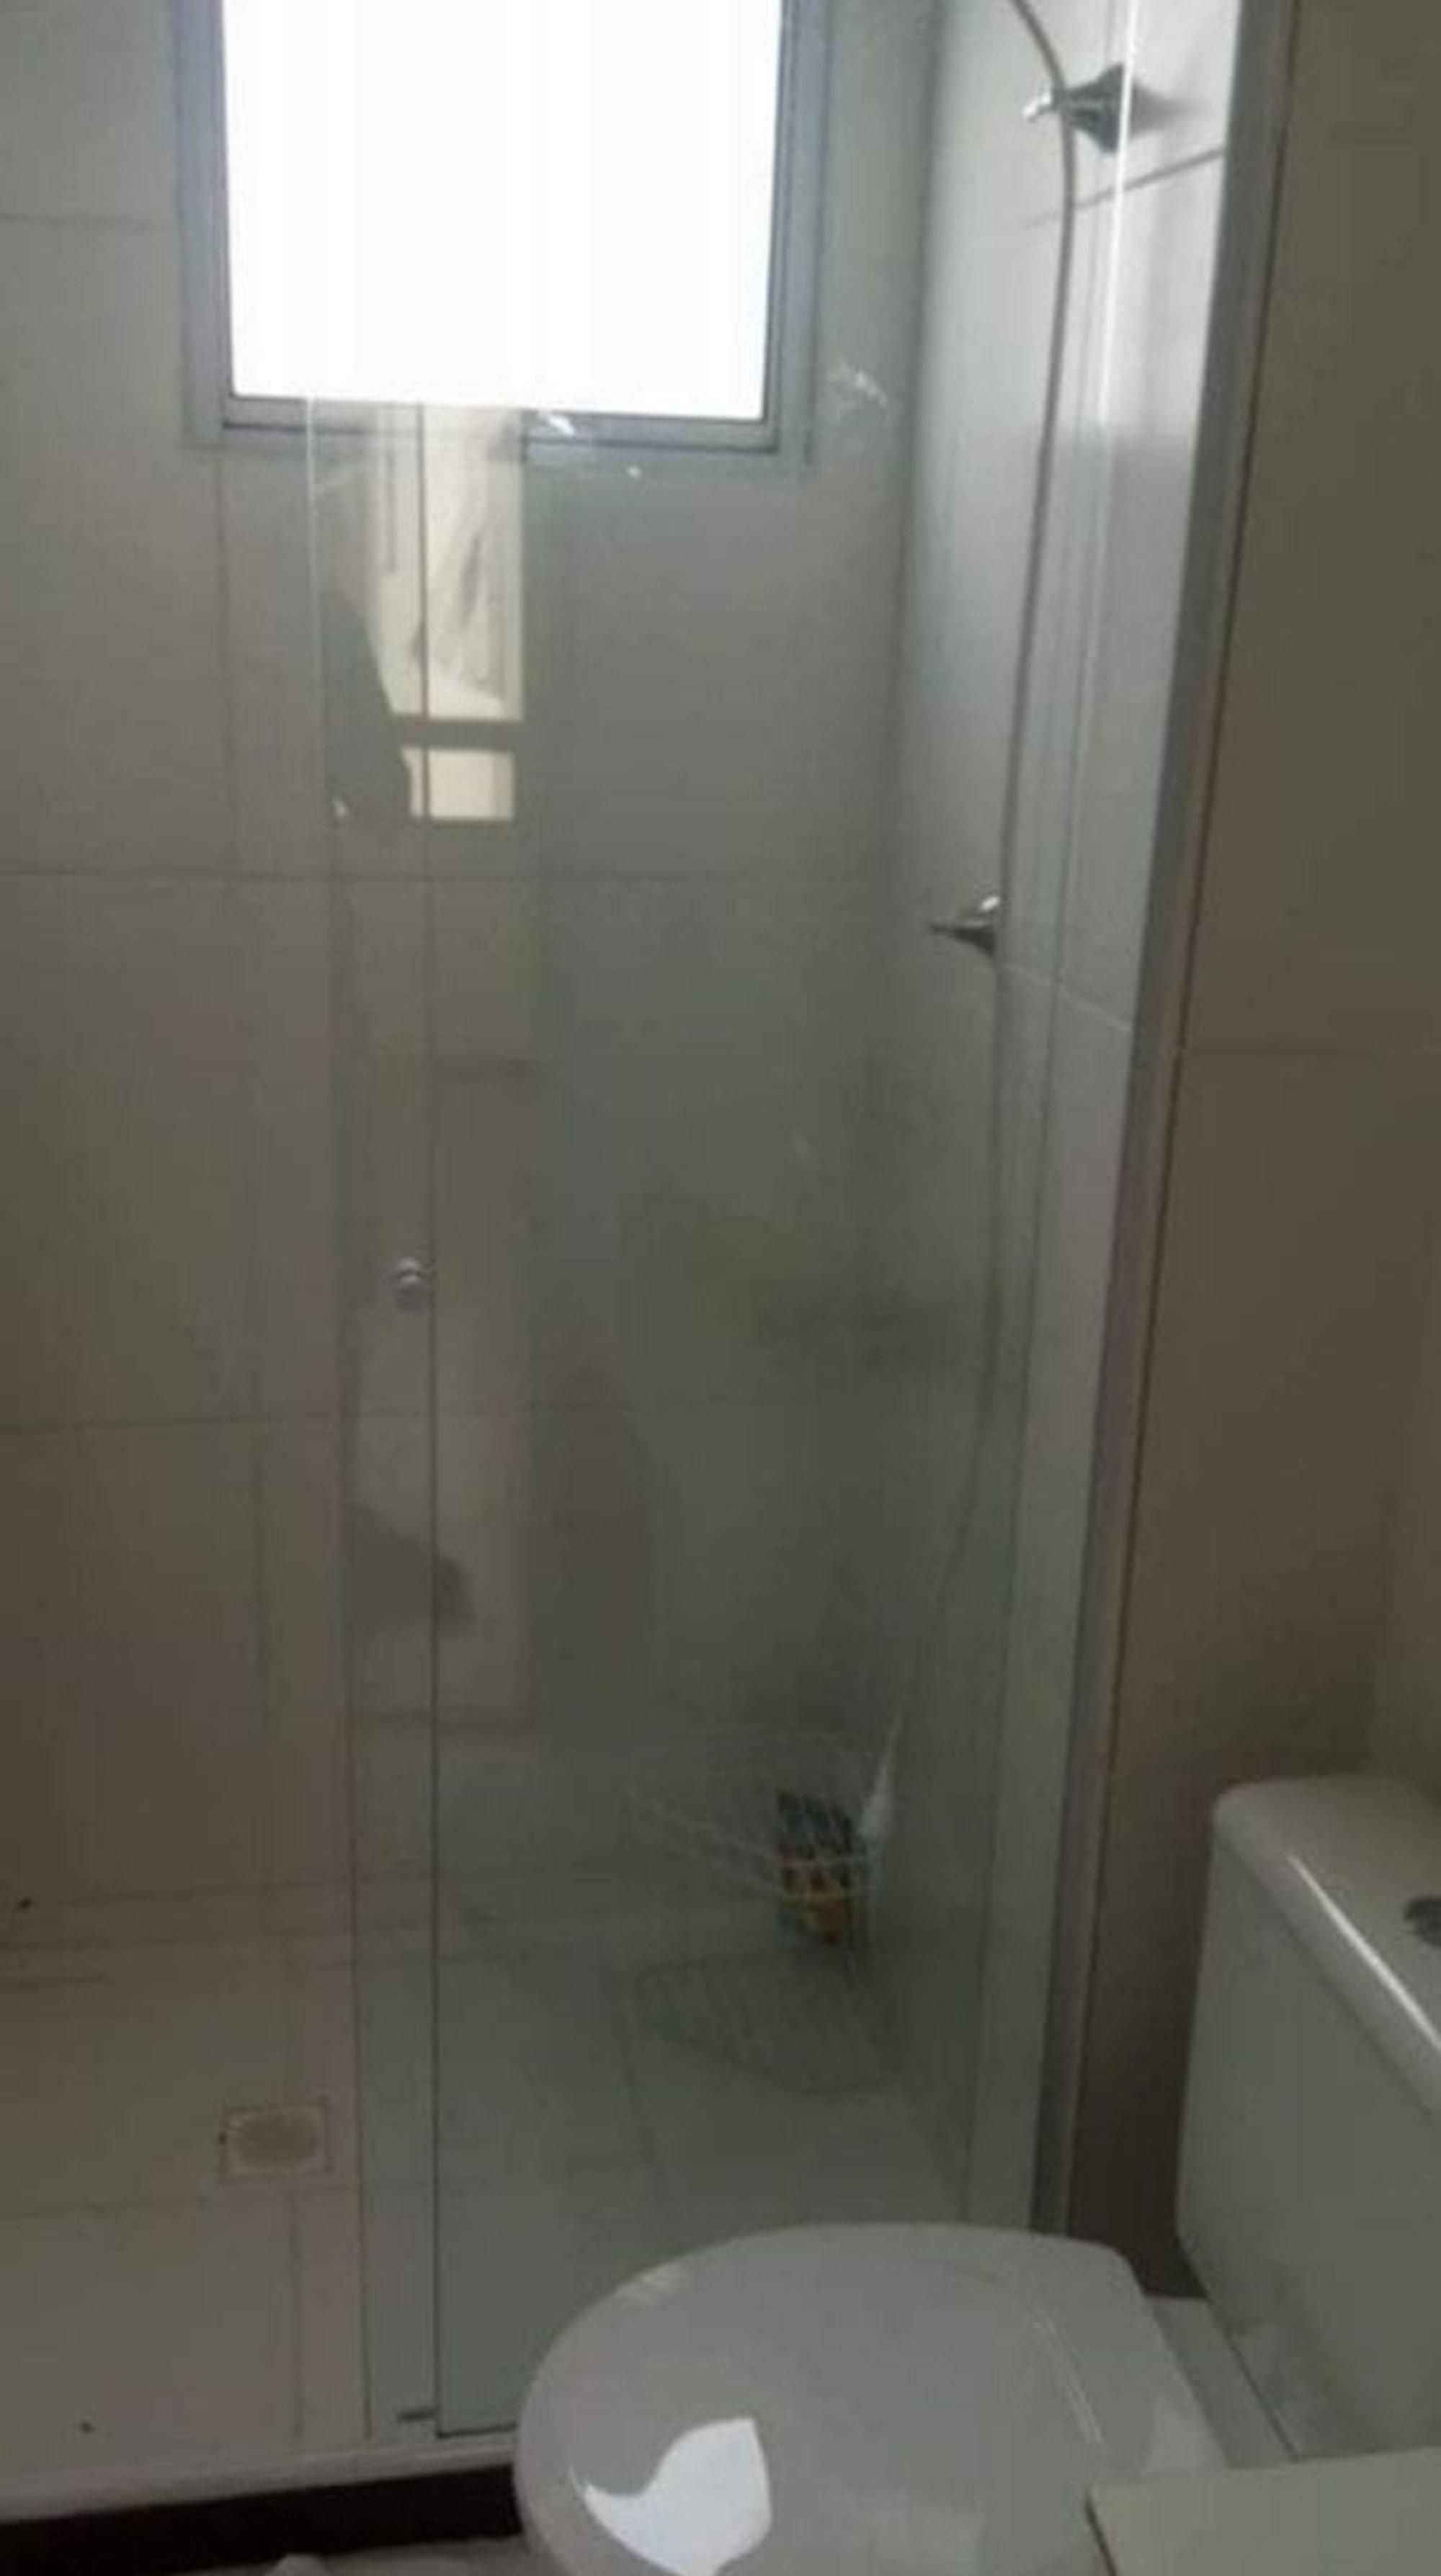 Foto de Corredor com vaso sanitário